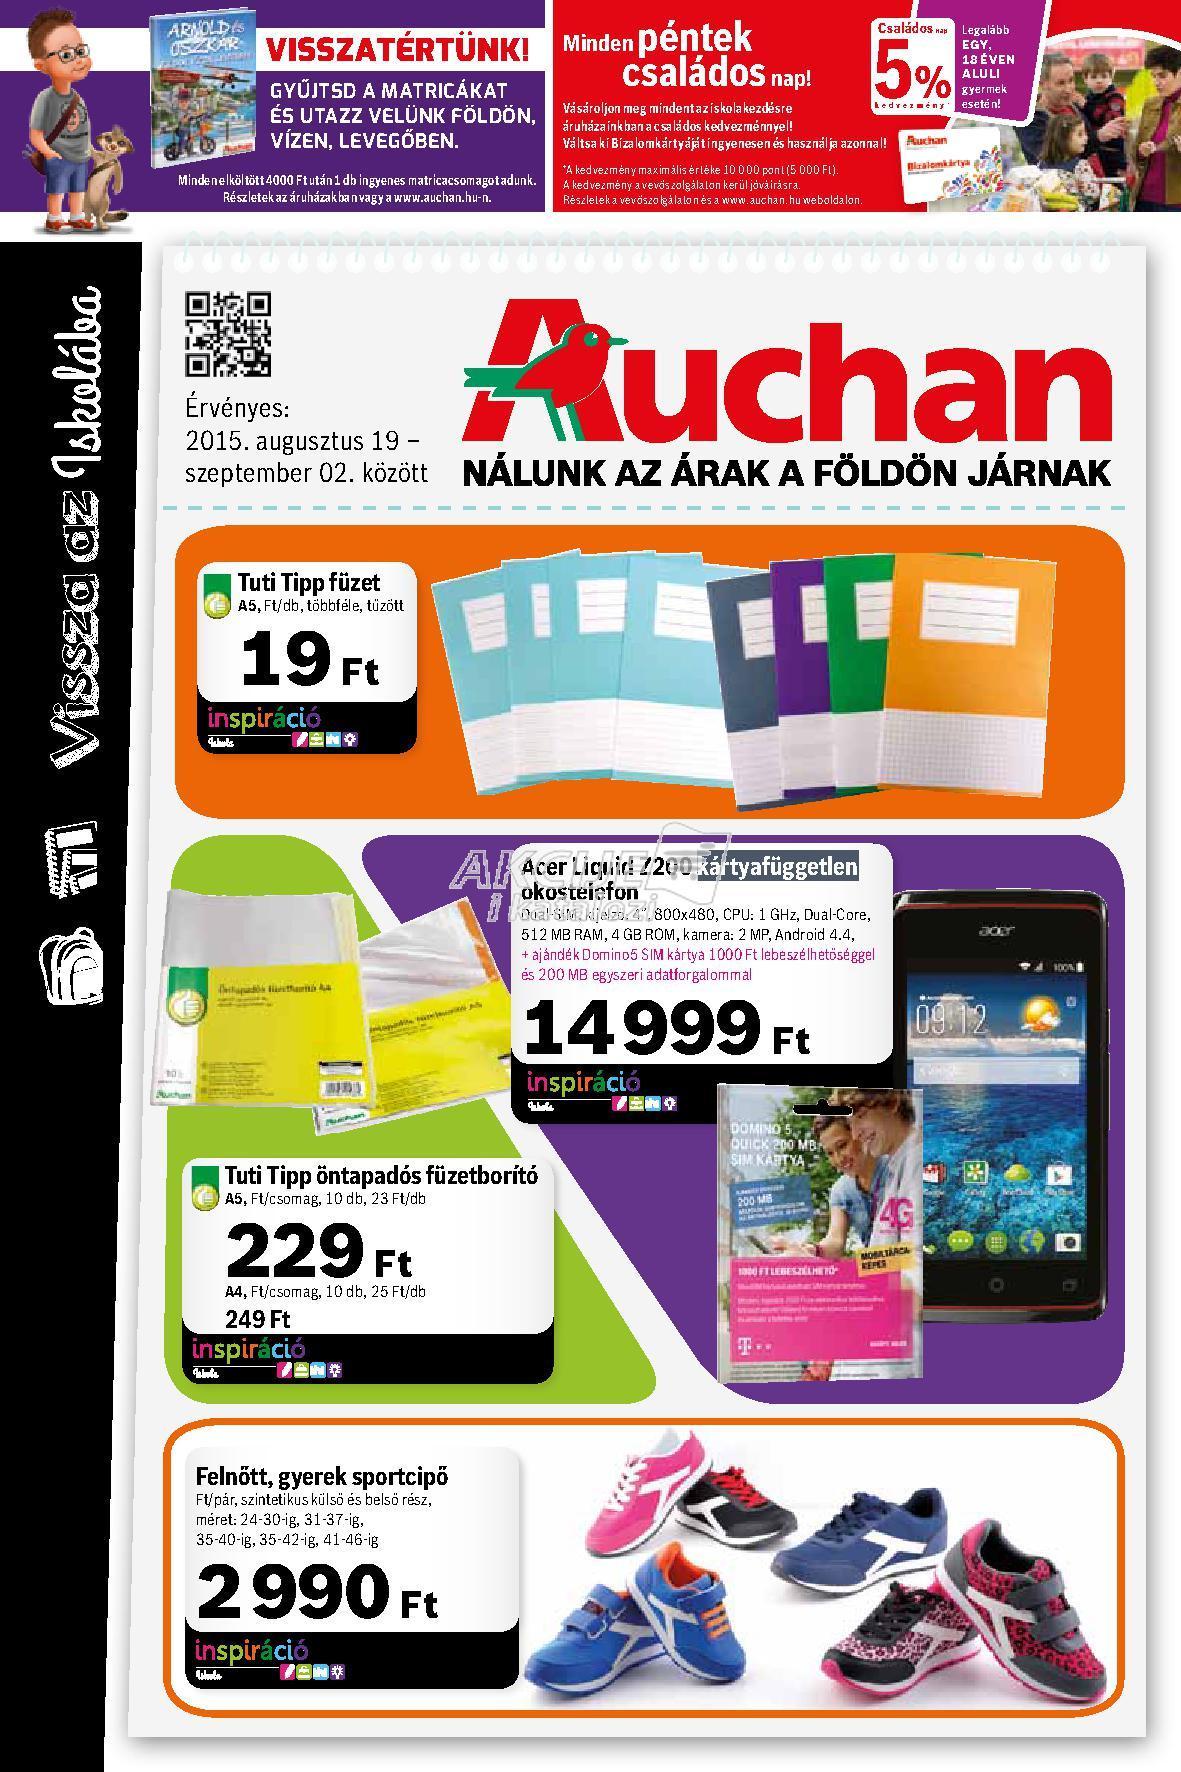 Auchan akcija odličnih cena